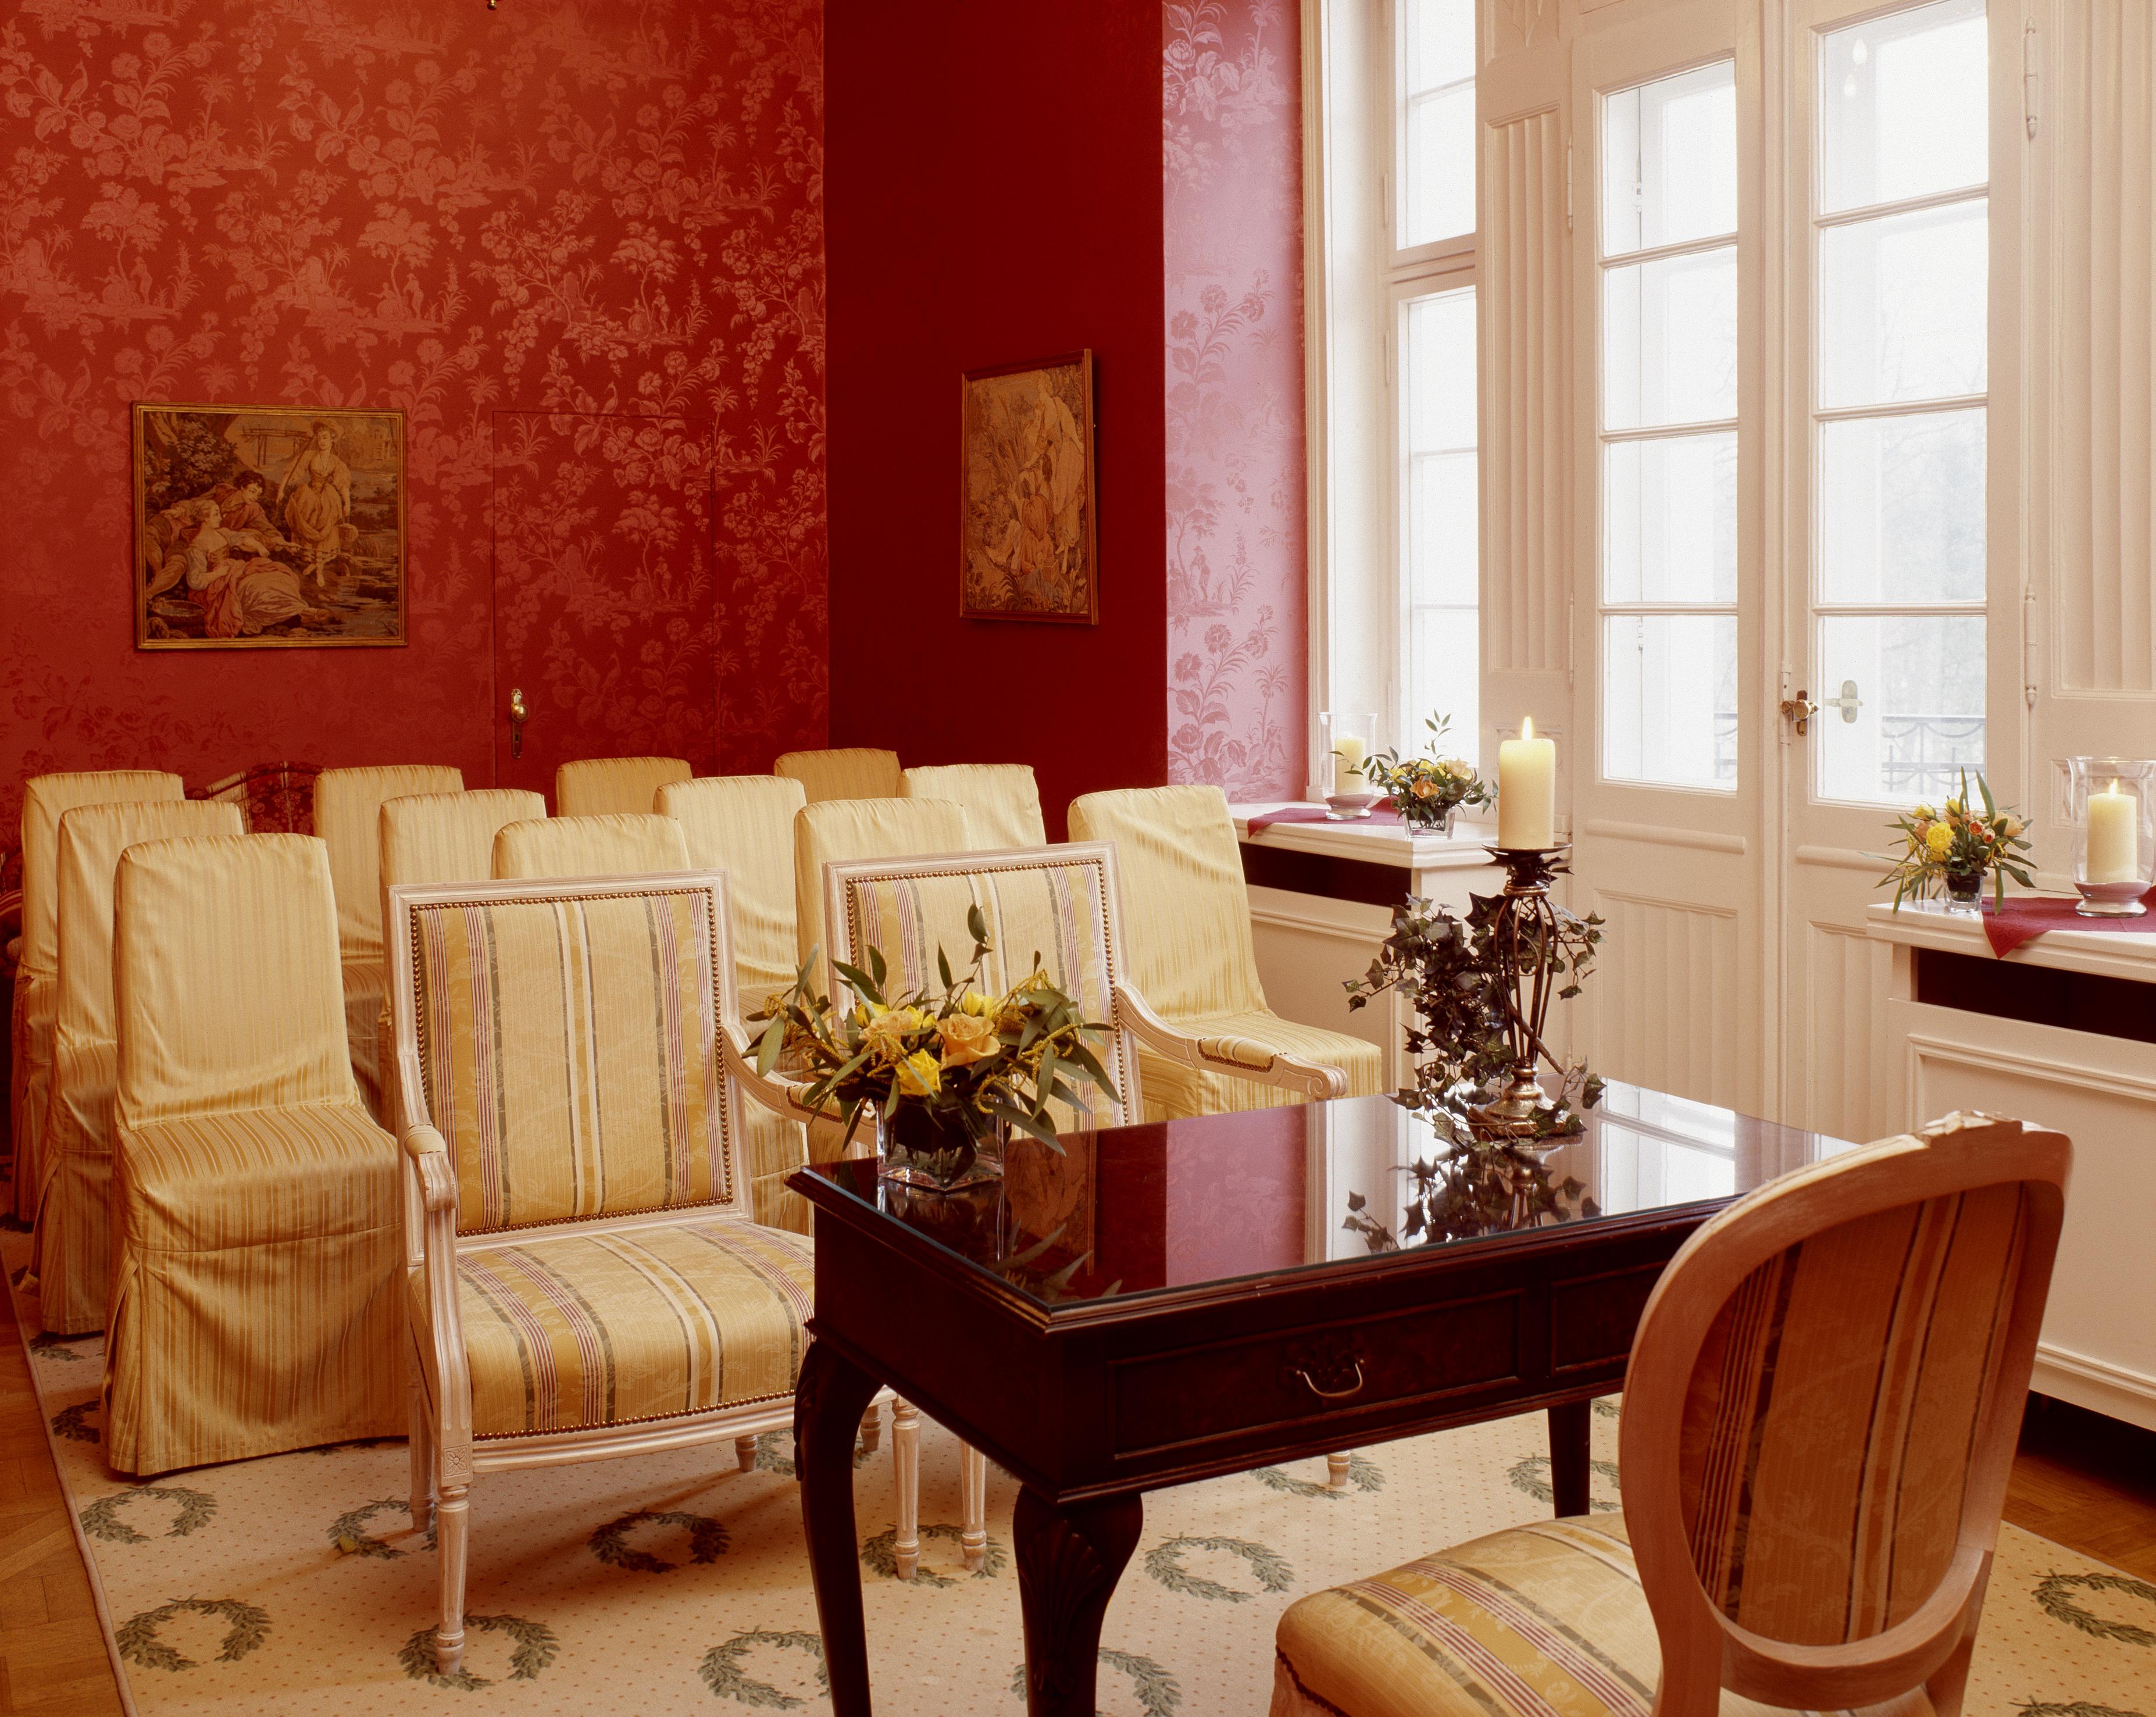 Schloss Brandenburg - Heiraten im Spreewald - Schloss Hochzeit - Schlosshotel Brandenburg - Schloss Lübbenau im Spreewald